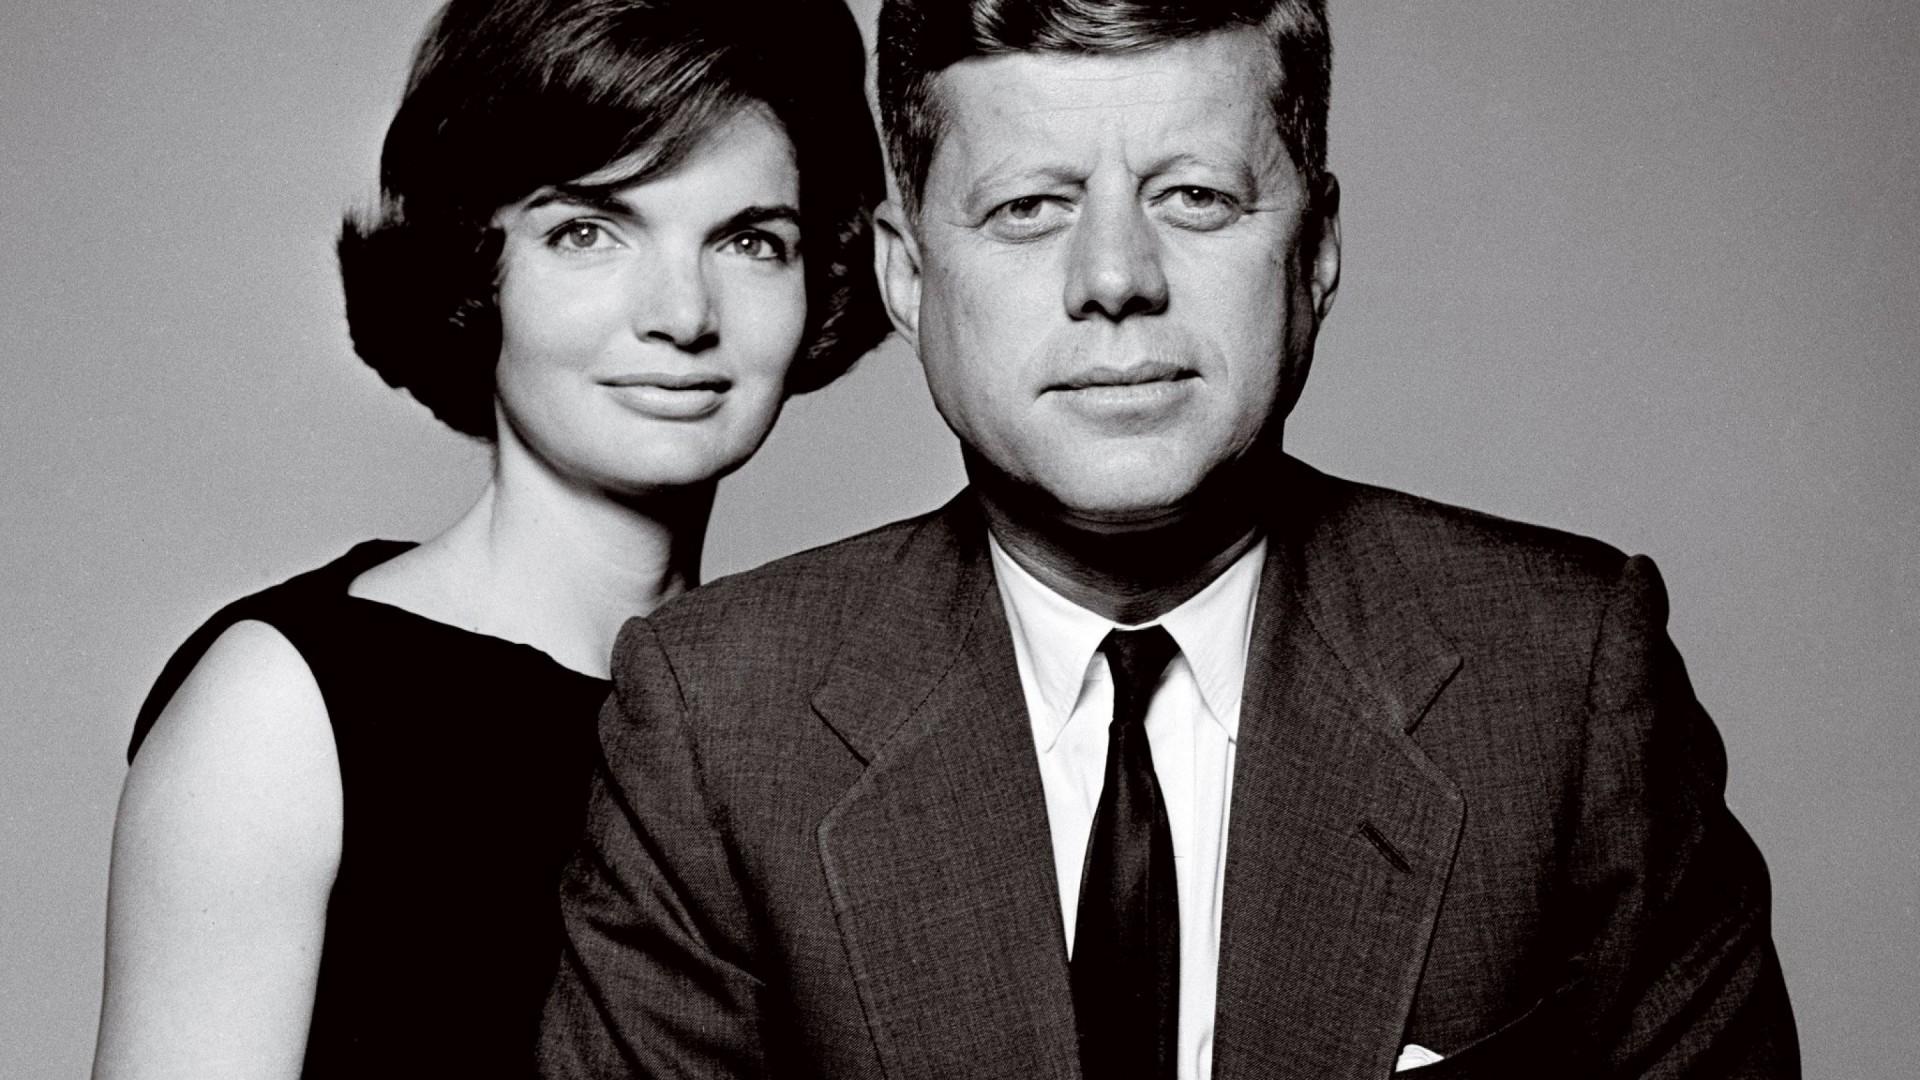 Фотографии из новой книги о Жаклин Кеннеди • НОВОСТИ В ...